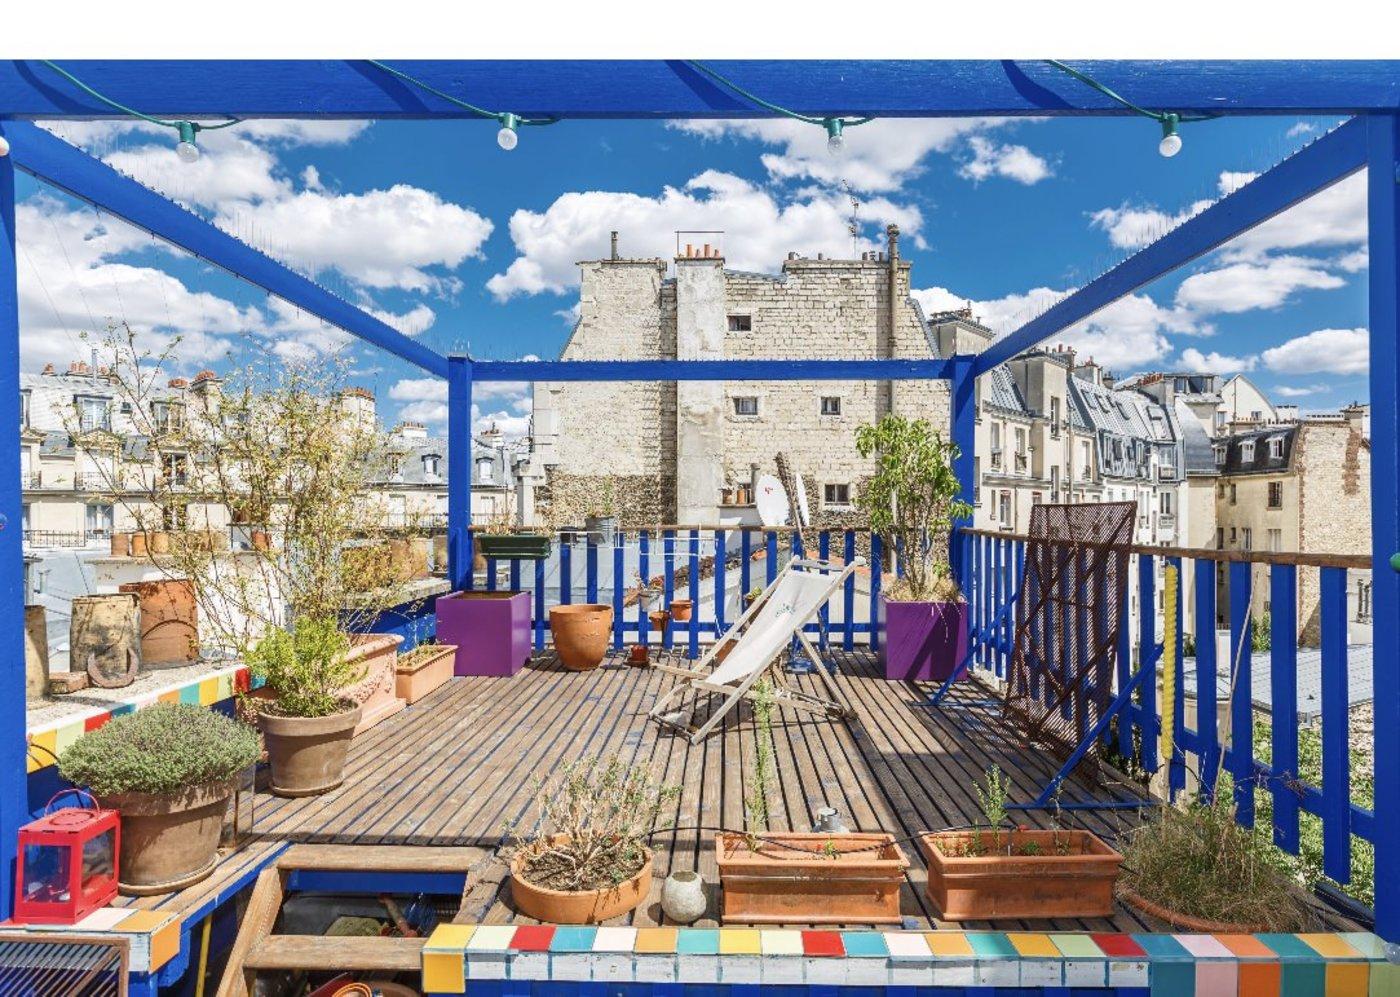 Une grande terrasse en duplex sur les toits de paris et très coloré, avec une table de jardin et un transat.